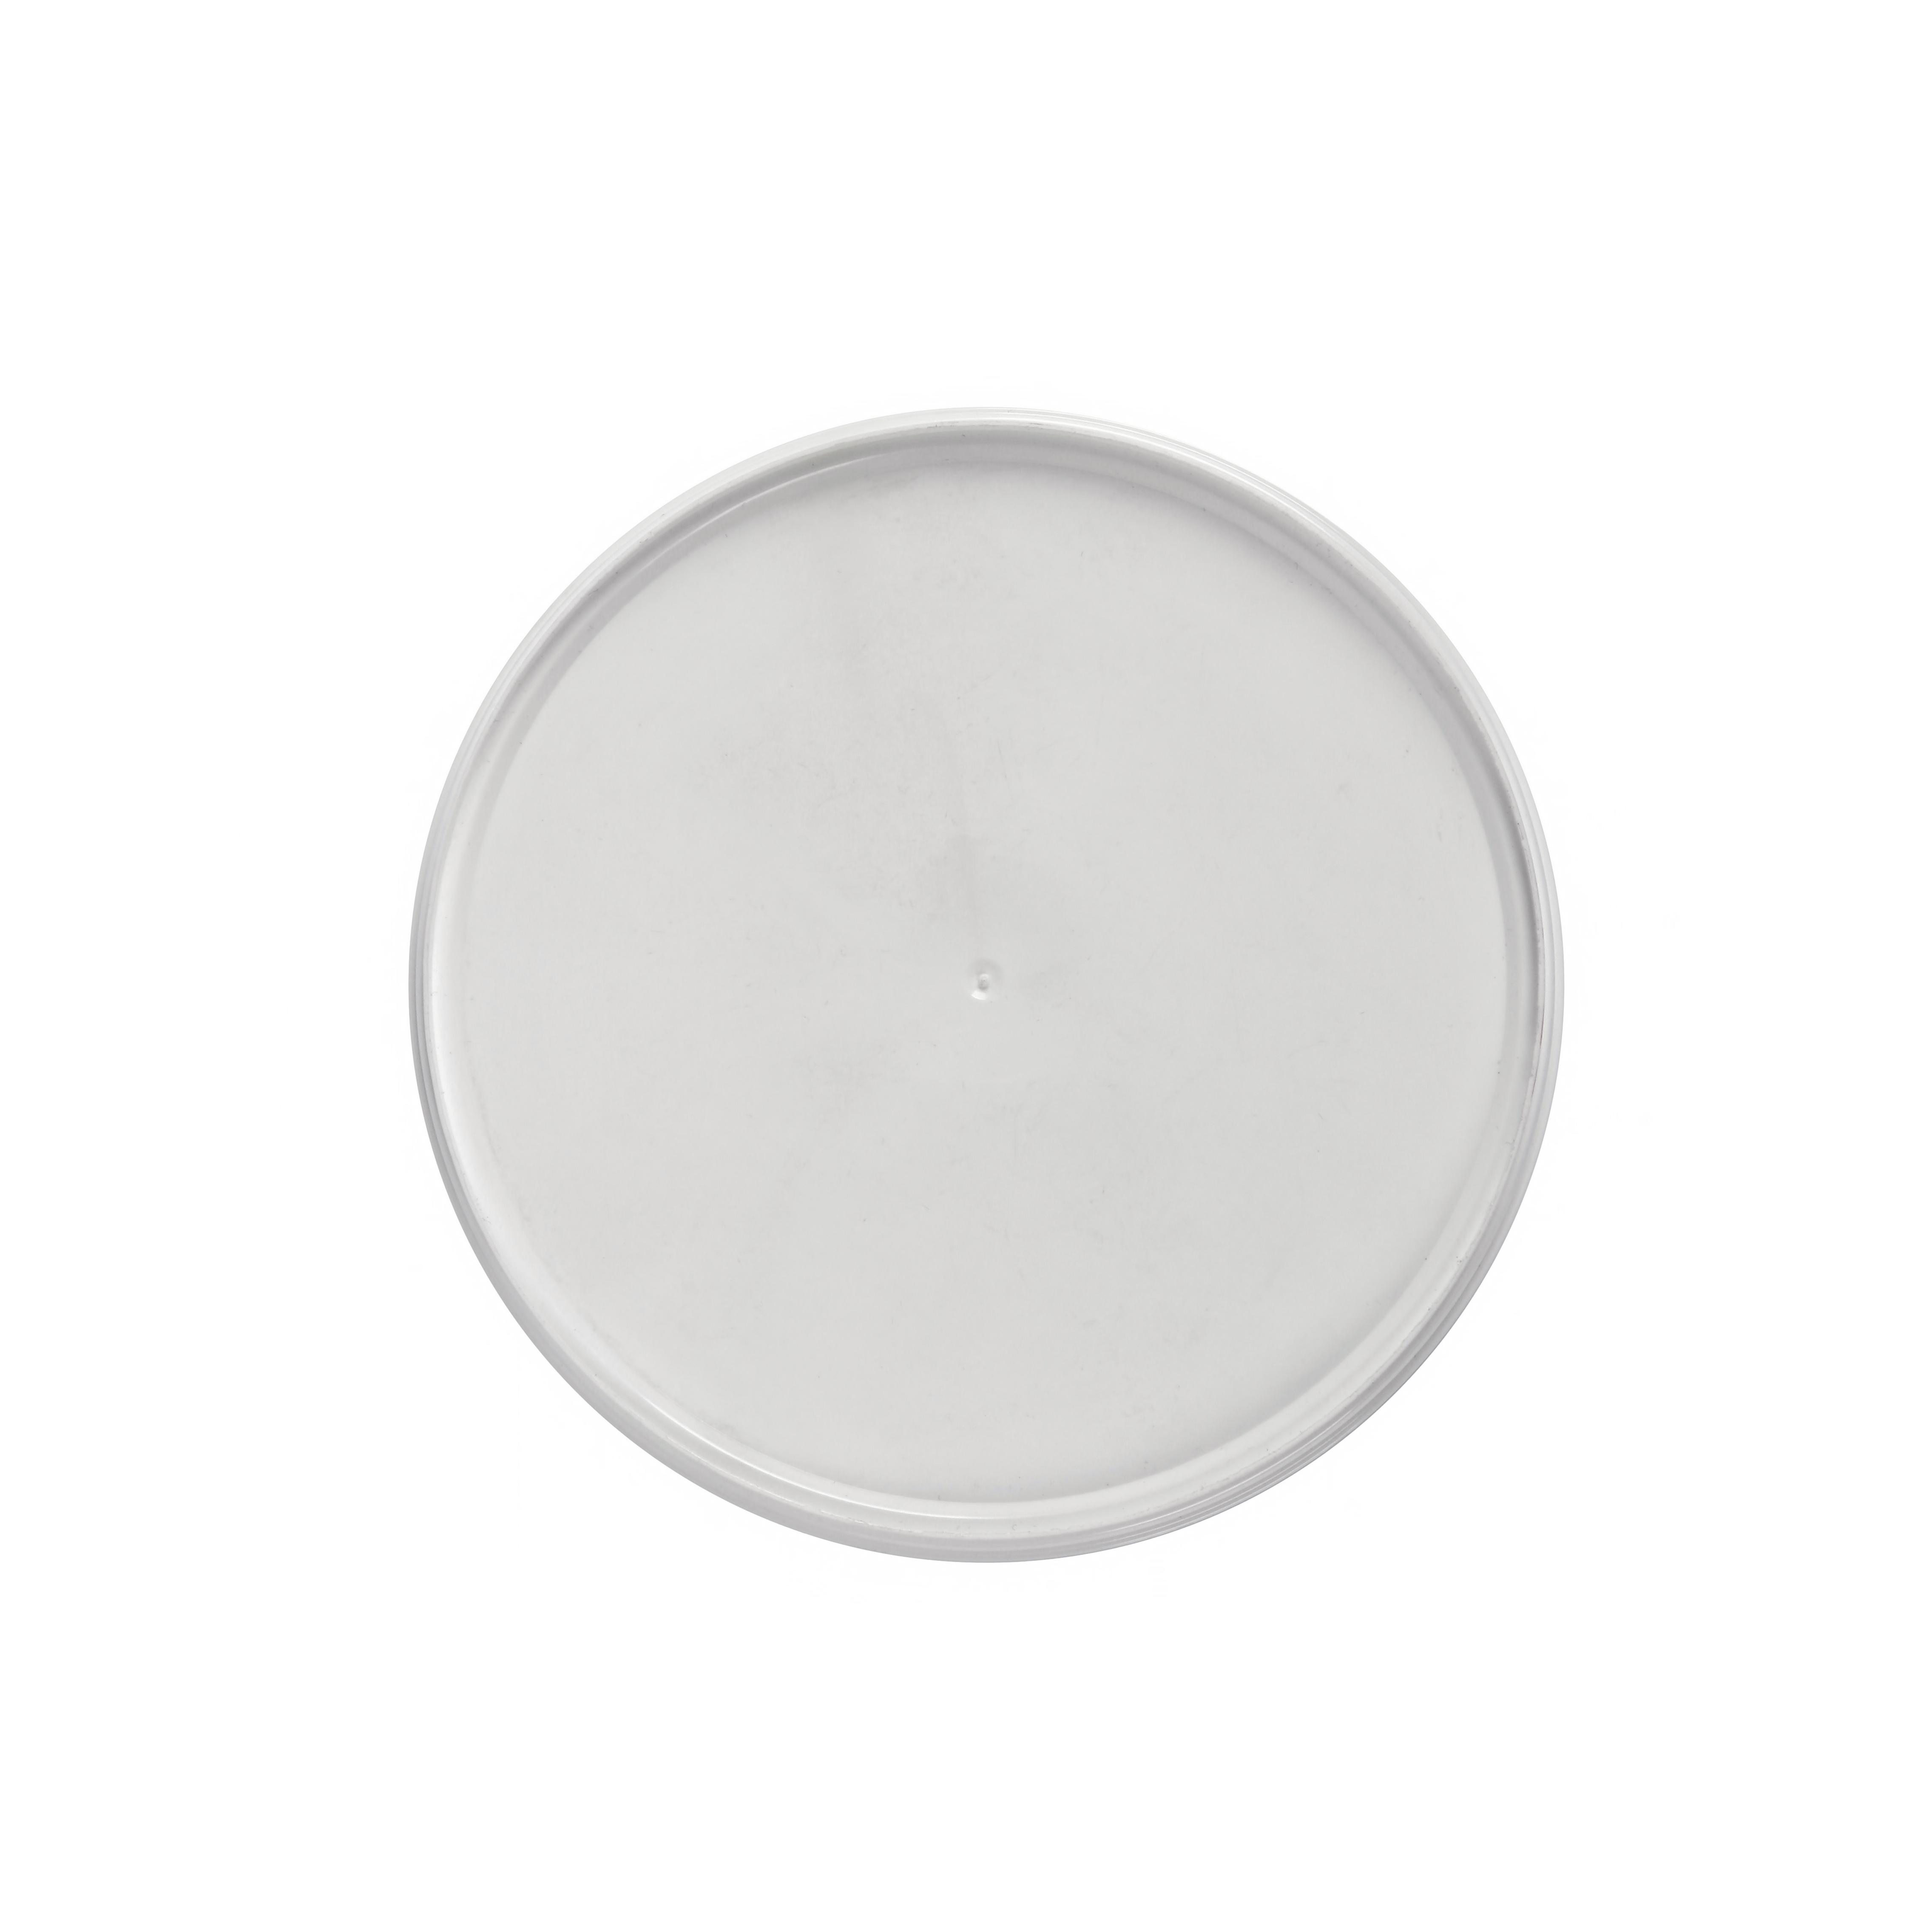 Производство пластмассовых пп крышек диаметра 110 мм под индивидуальный заказ в Киеве / Украине